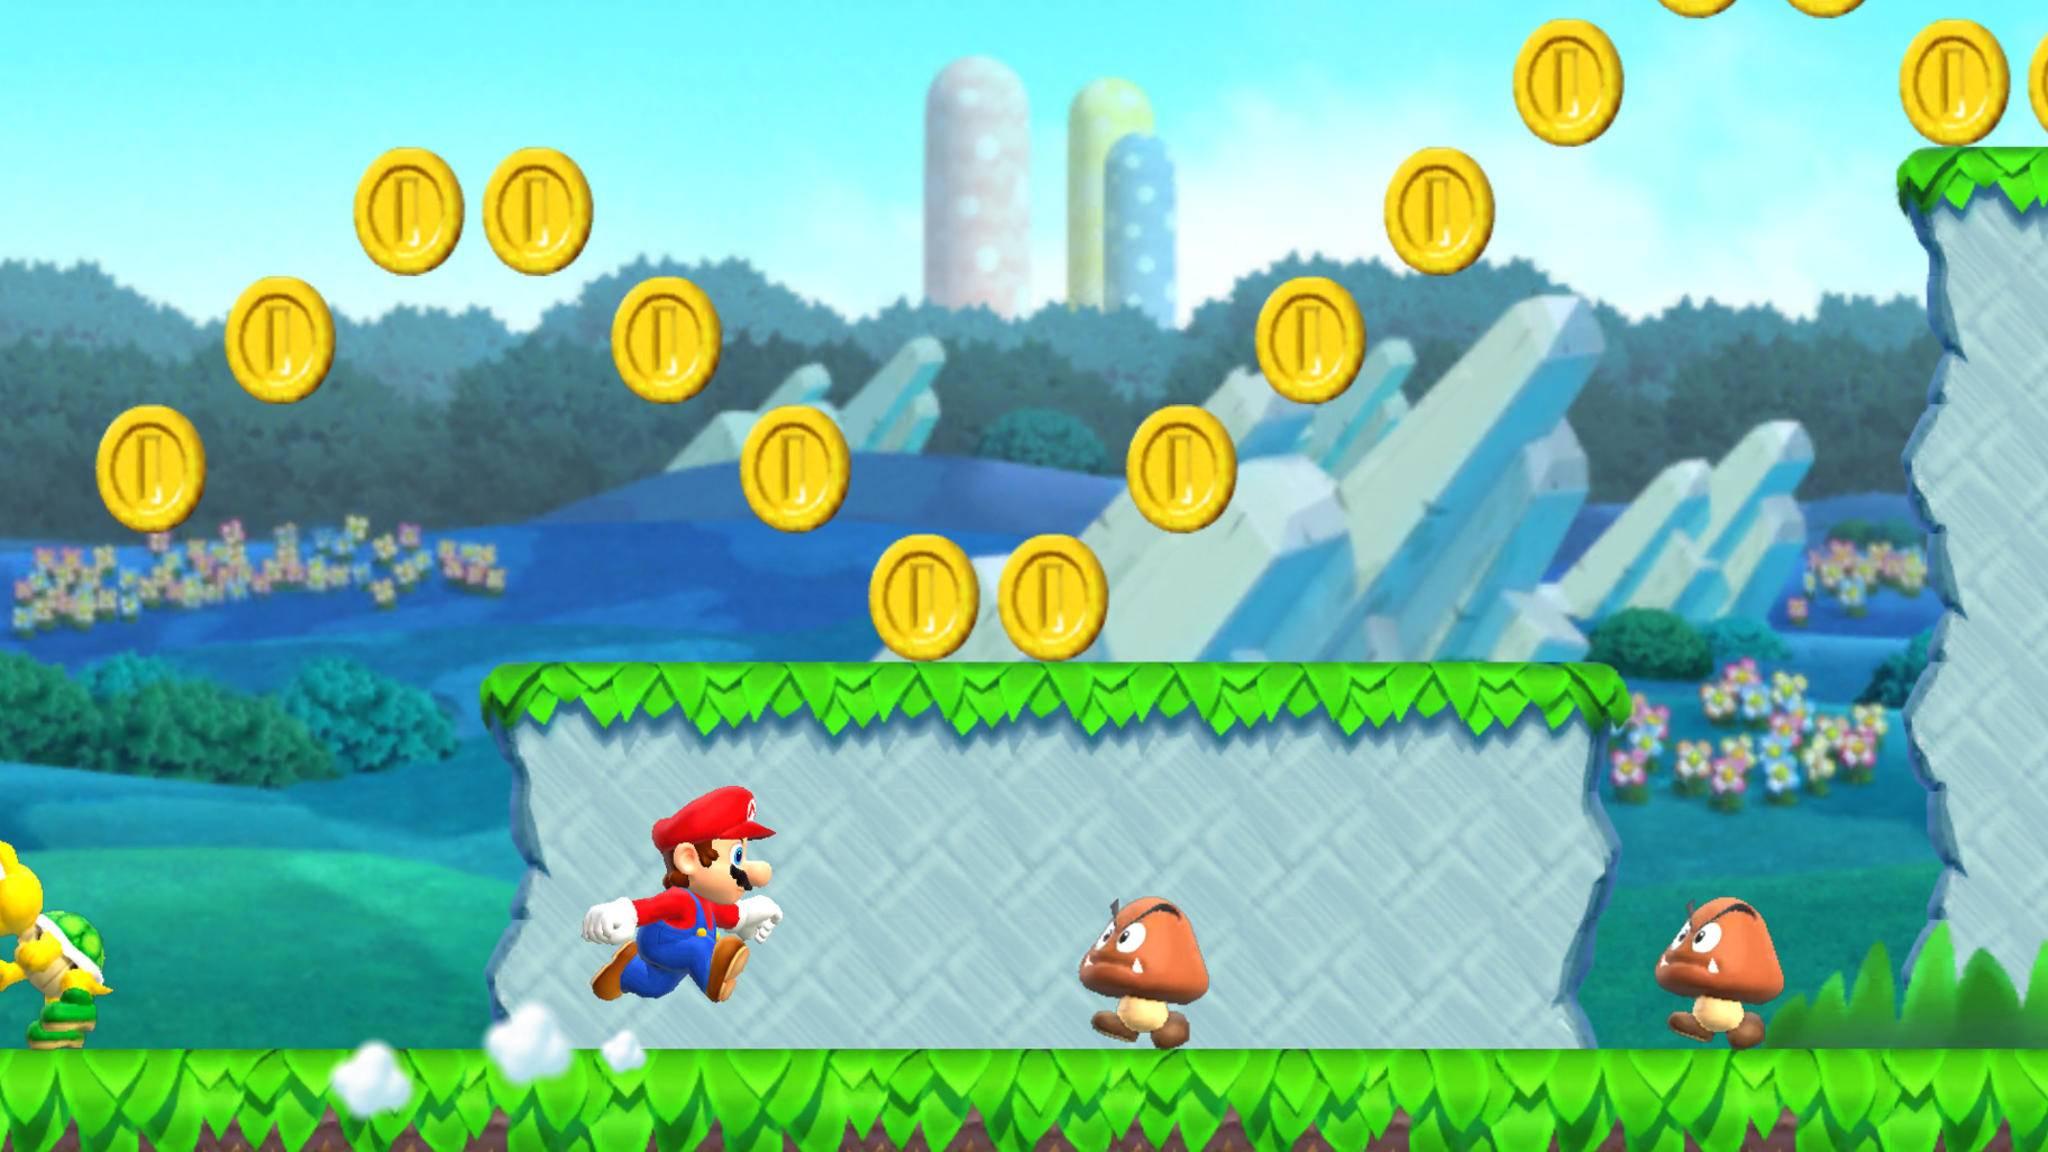 Ab sofort läuft und läuft und läuft Nintendos Maskottchen Mario auch auf Android-Geräten.